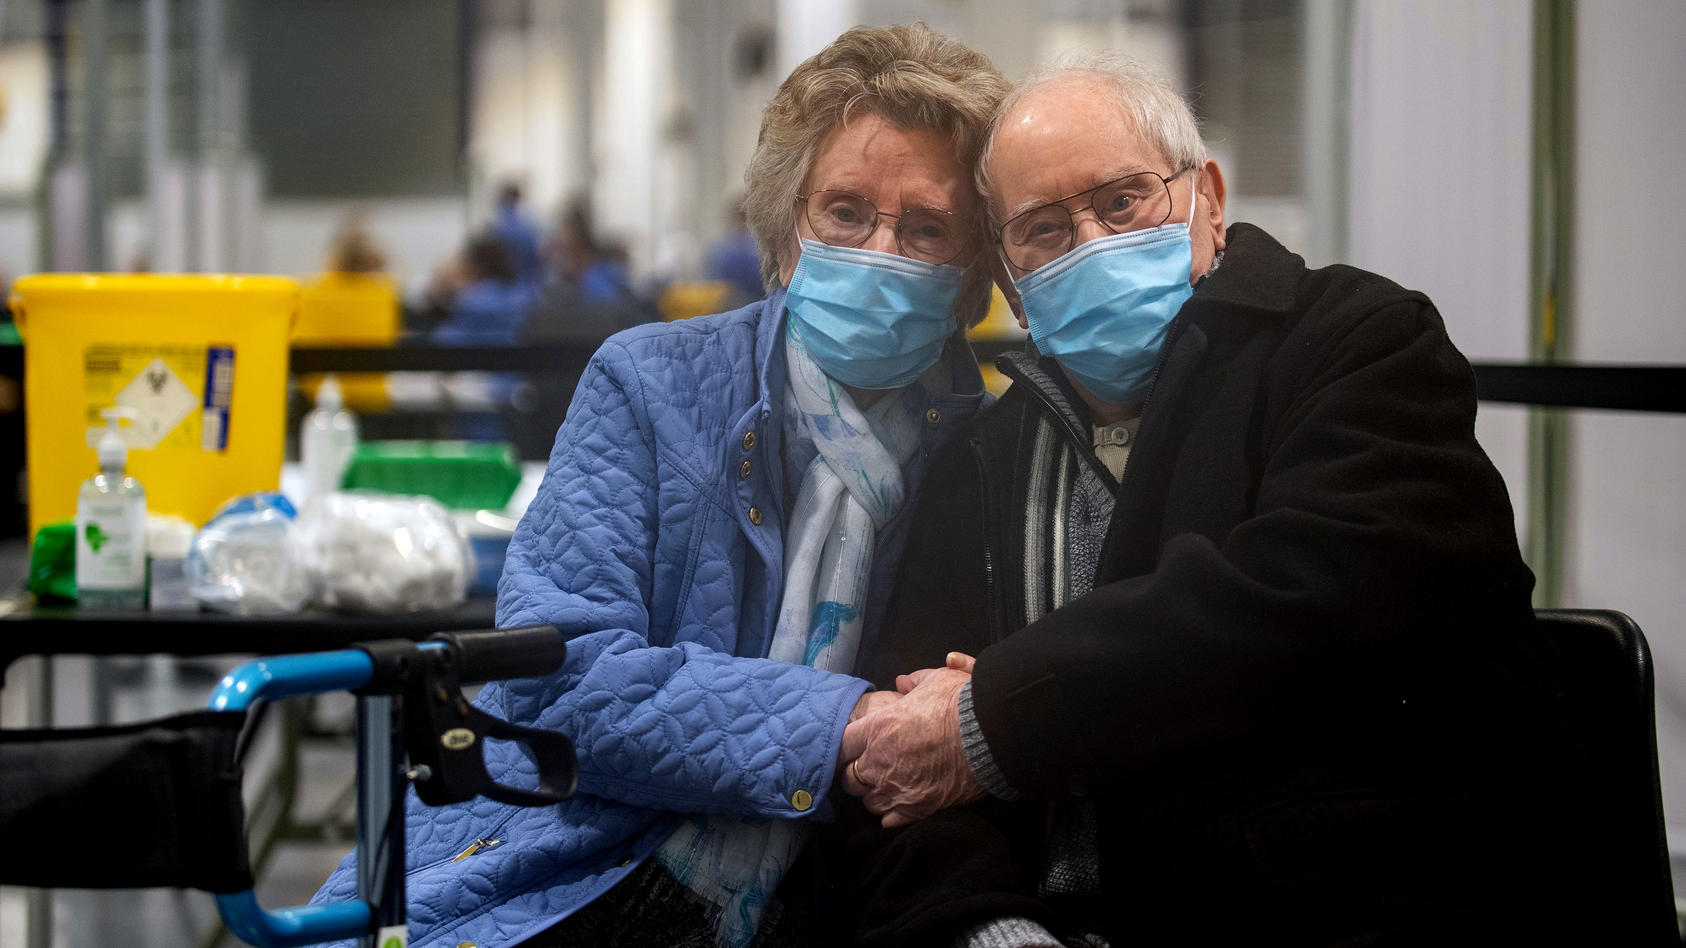 Geoff Holland (90) und seine Frau Jenny Holland (86) aus Mansfield haben gerade ihre Corona-Impfungen in einem Impfzentrum in der Grafschaft Nottinghamshire erhalten.